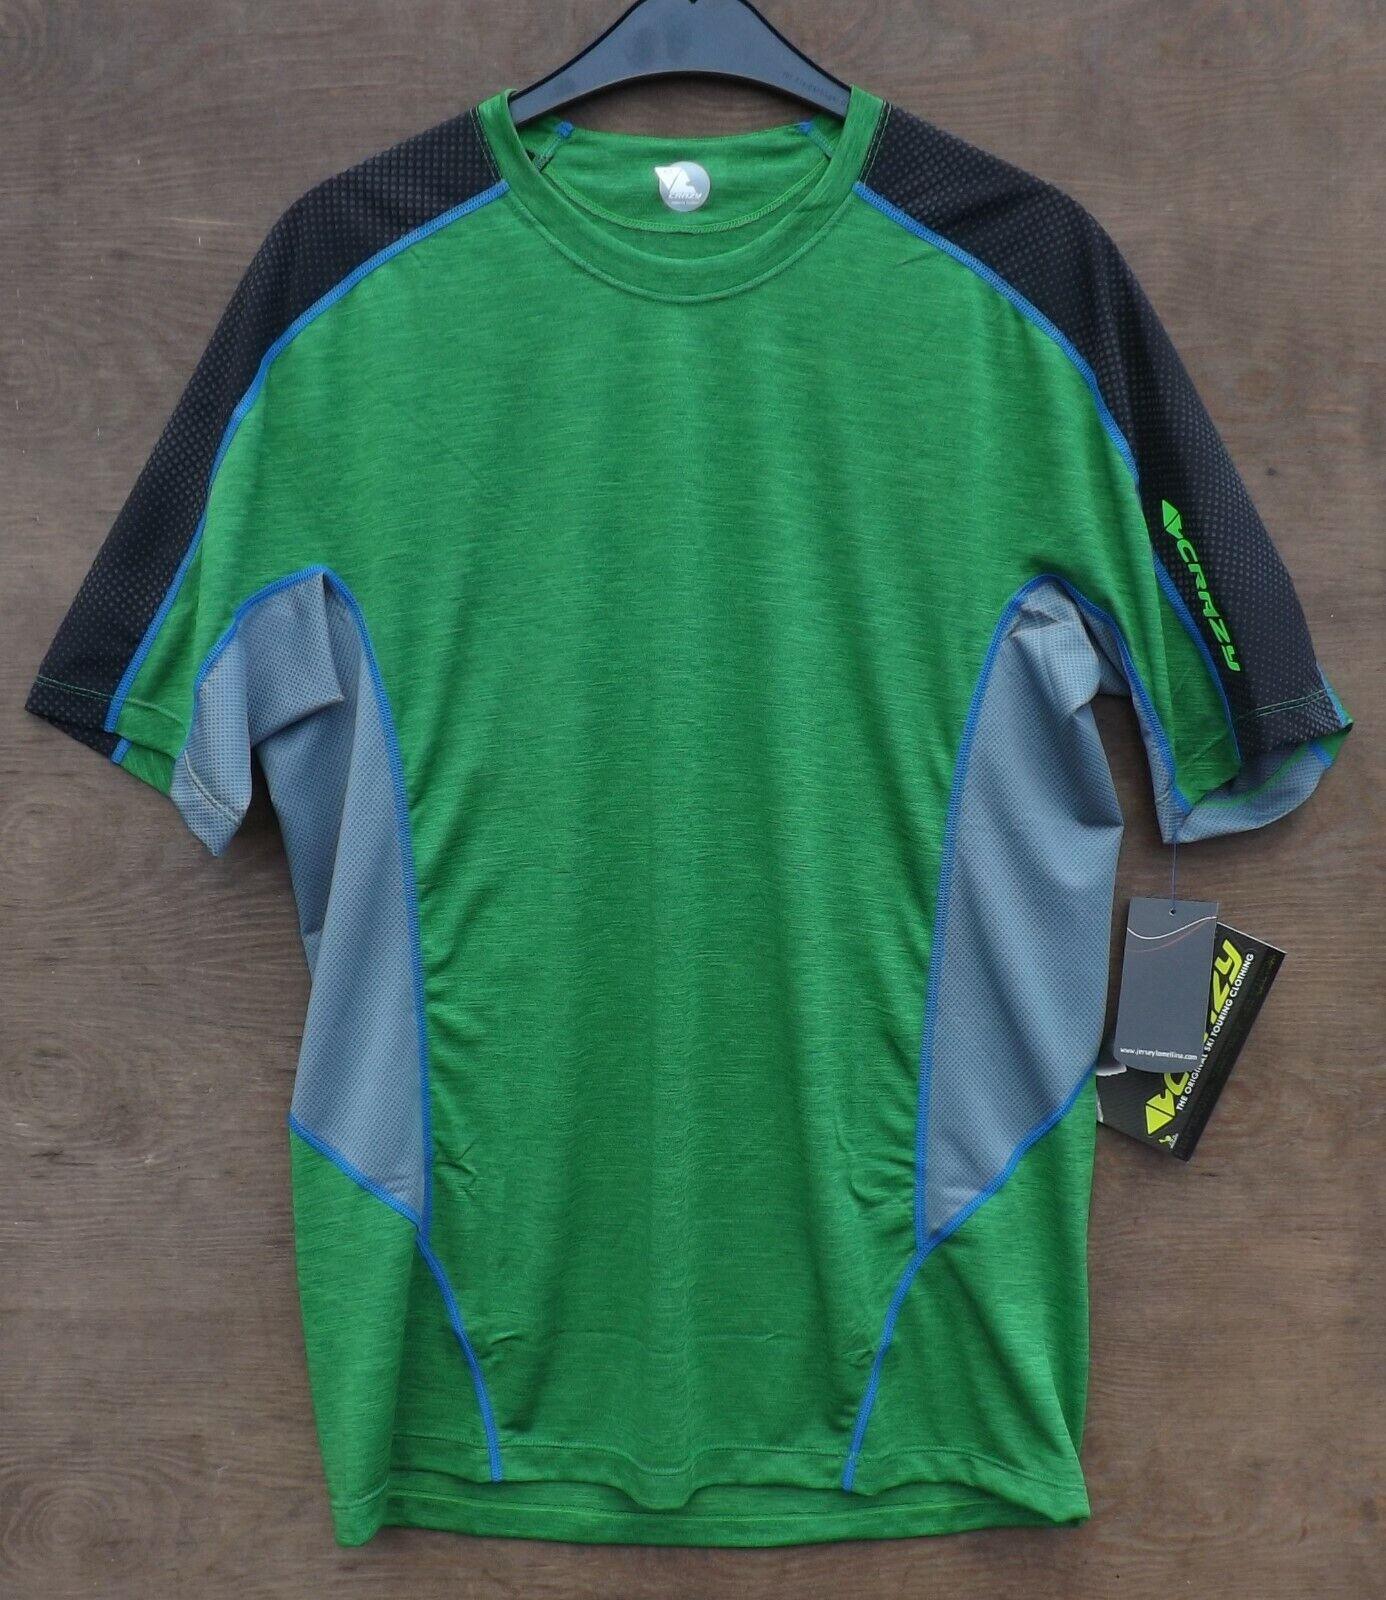 Crazy Idea Amps T Shirt Men  Lightweight Function Shirt Mens Green  outlet sale